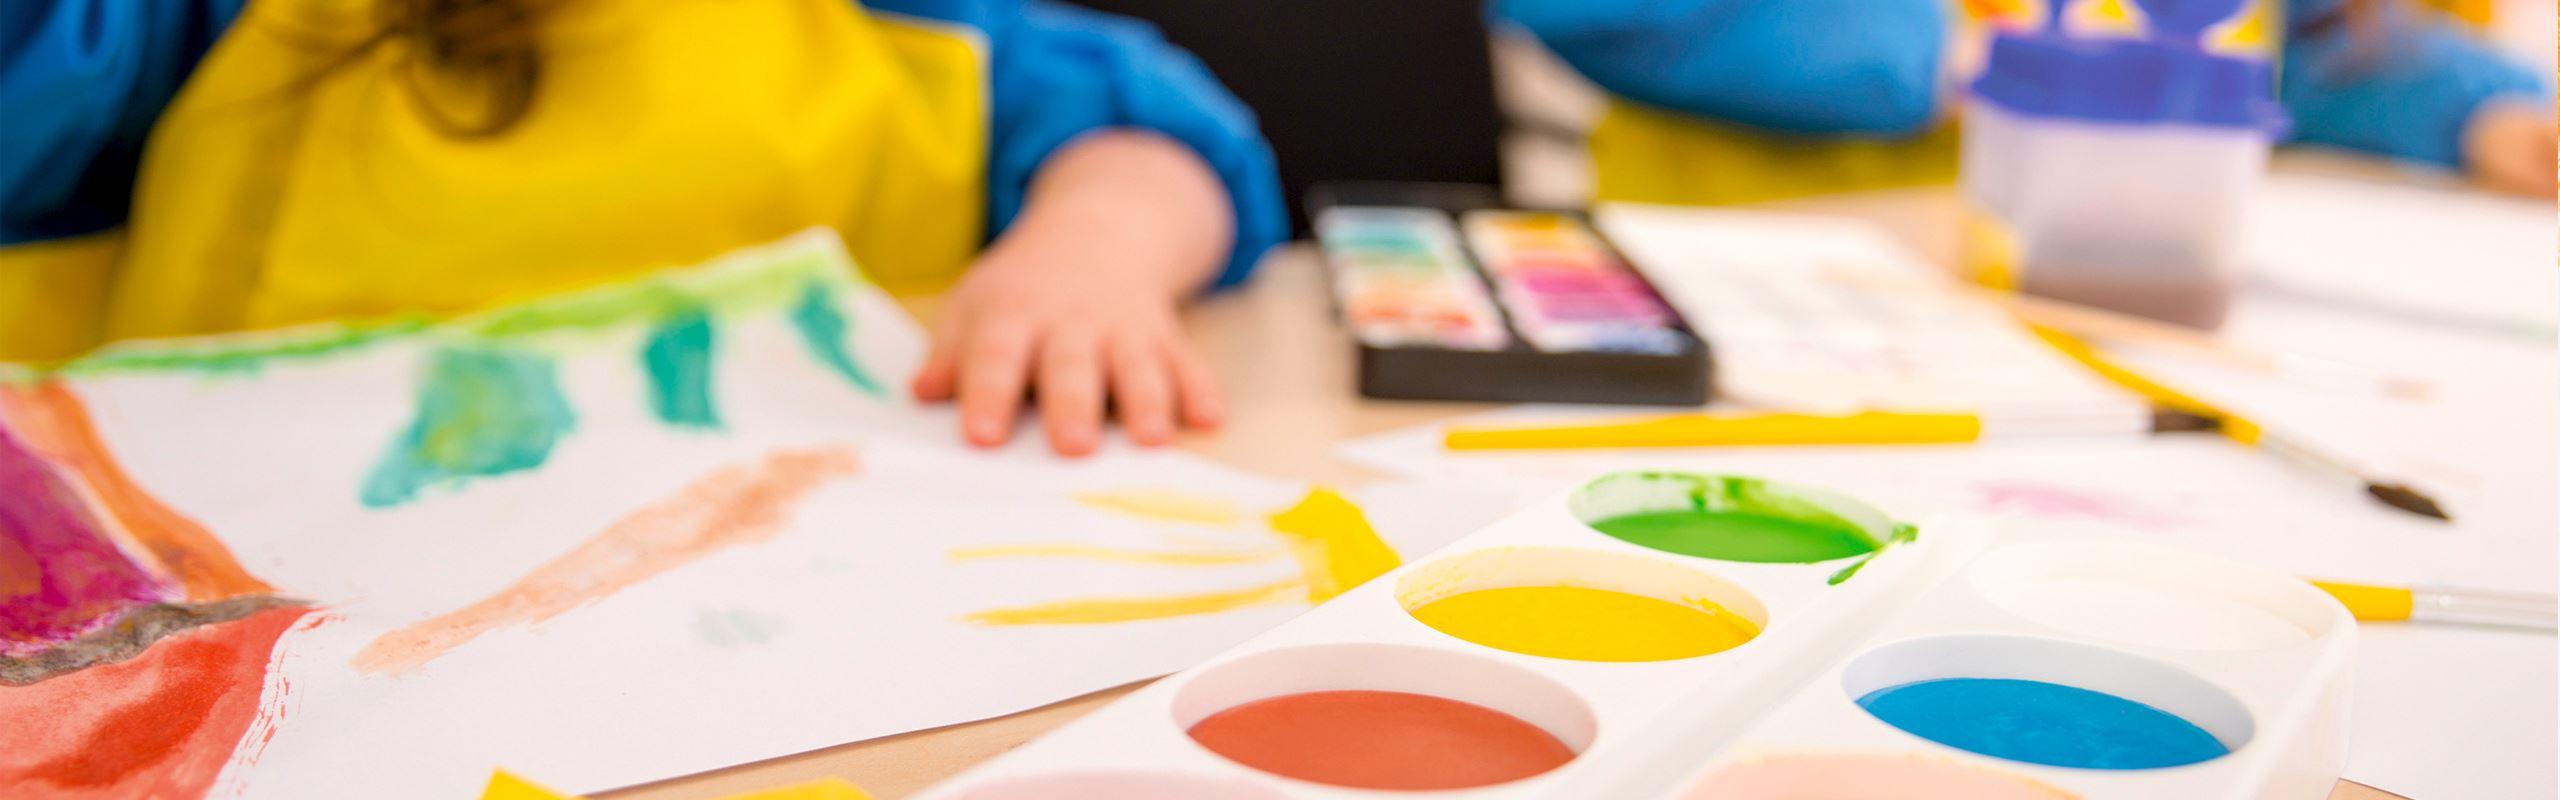 Painting for kindergarten kids